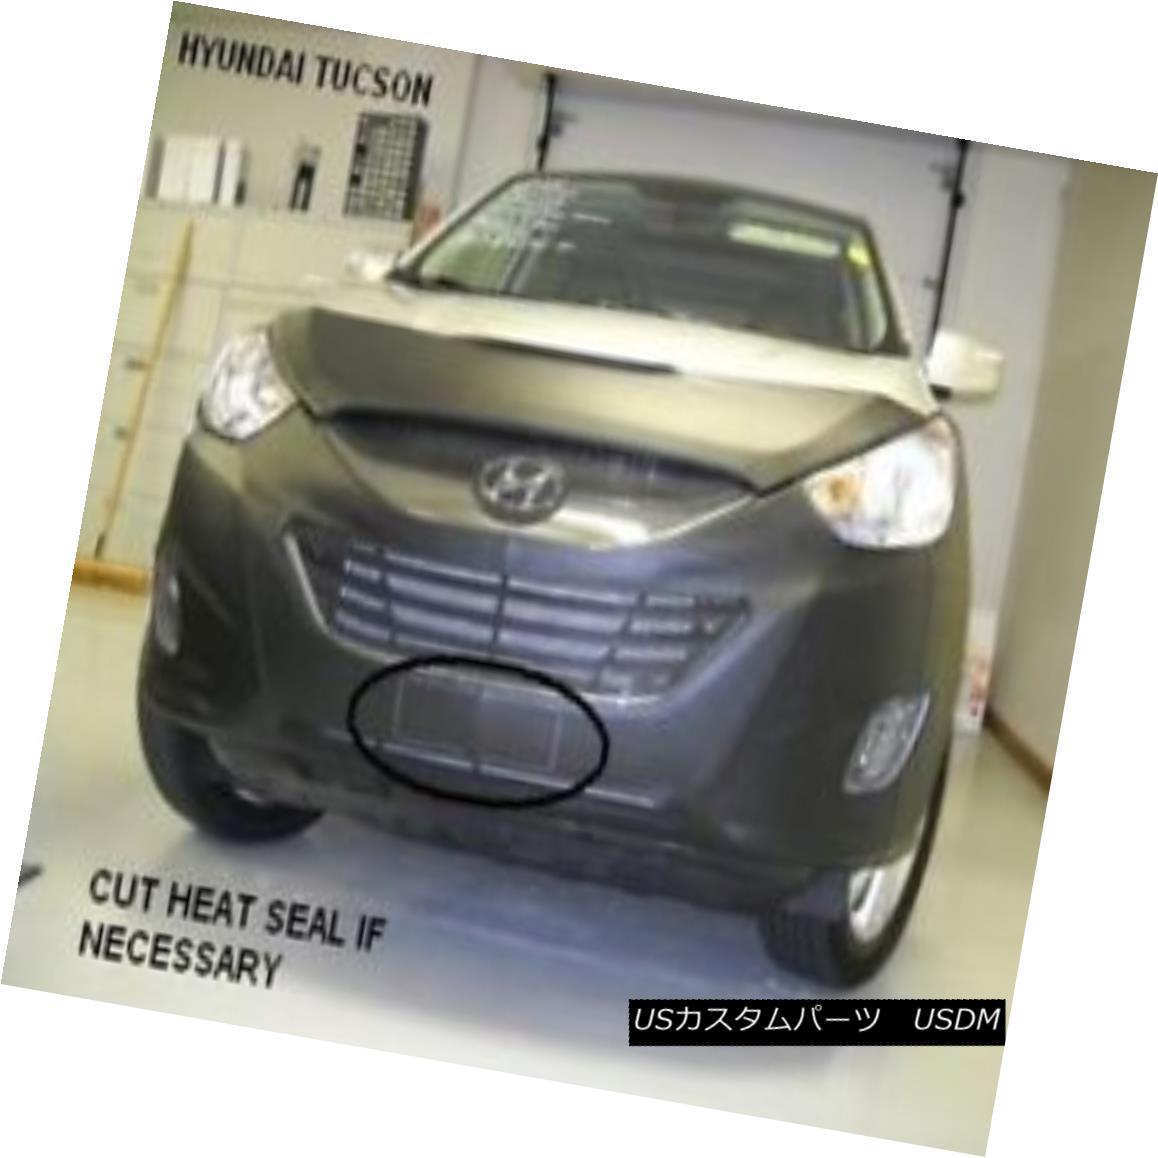 USフルブラ・USノーズブラ Lebra Front End Mask Cover Bra Fits 2010 2011 2012 2013 2014 2015 Hyundai Tuscon Lebraフロントエンドマスクカバーブラフィット2010年2012年2013年2014年2015年Hyundai Tucson